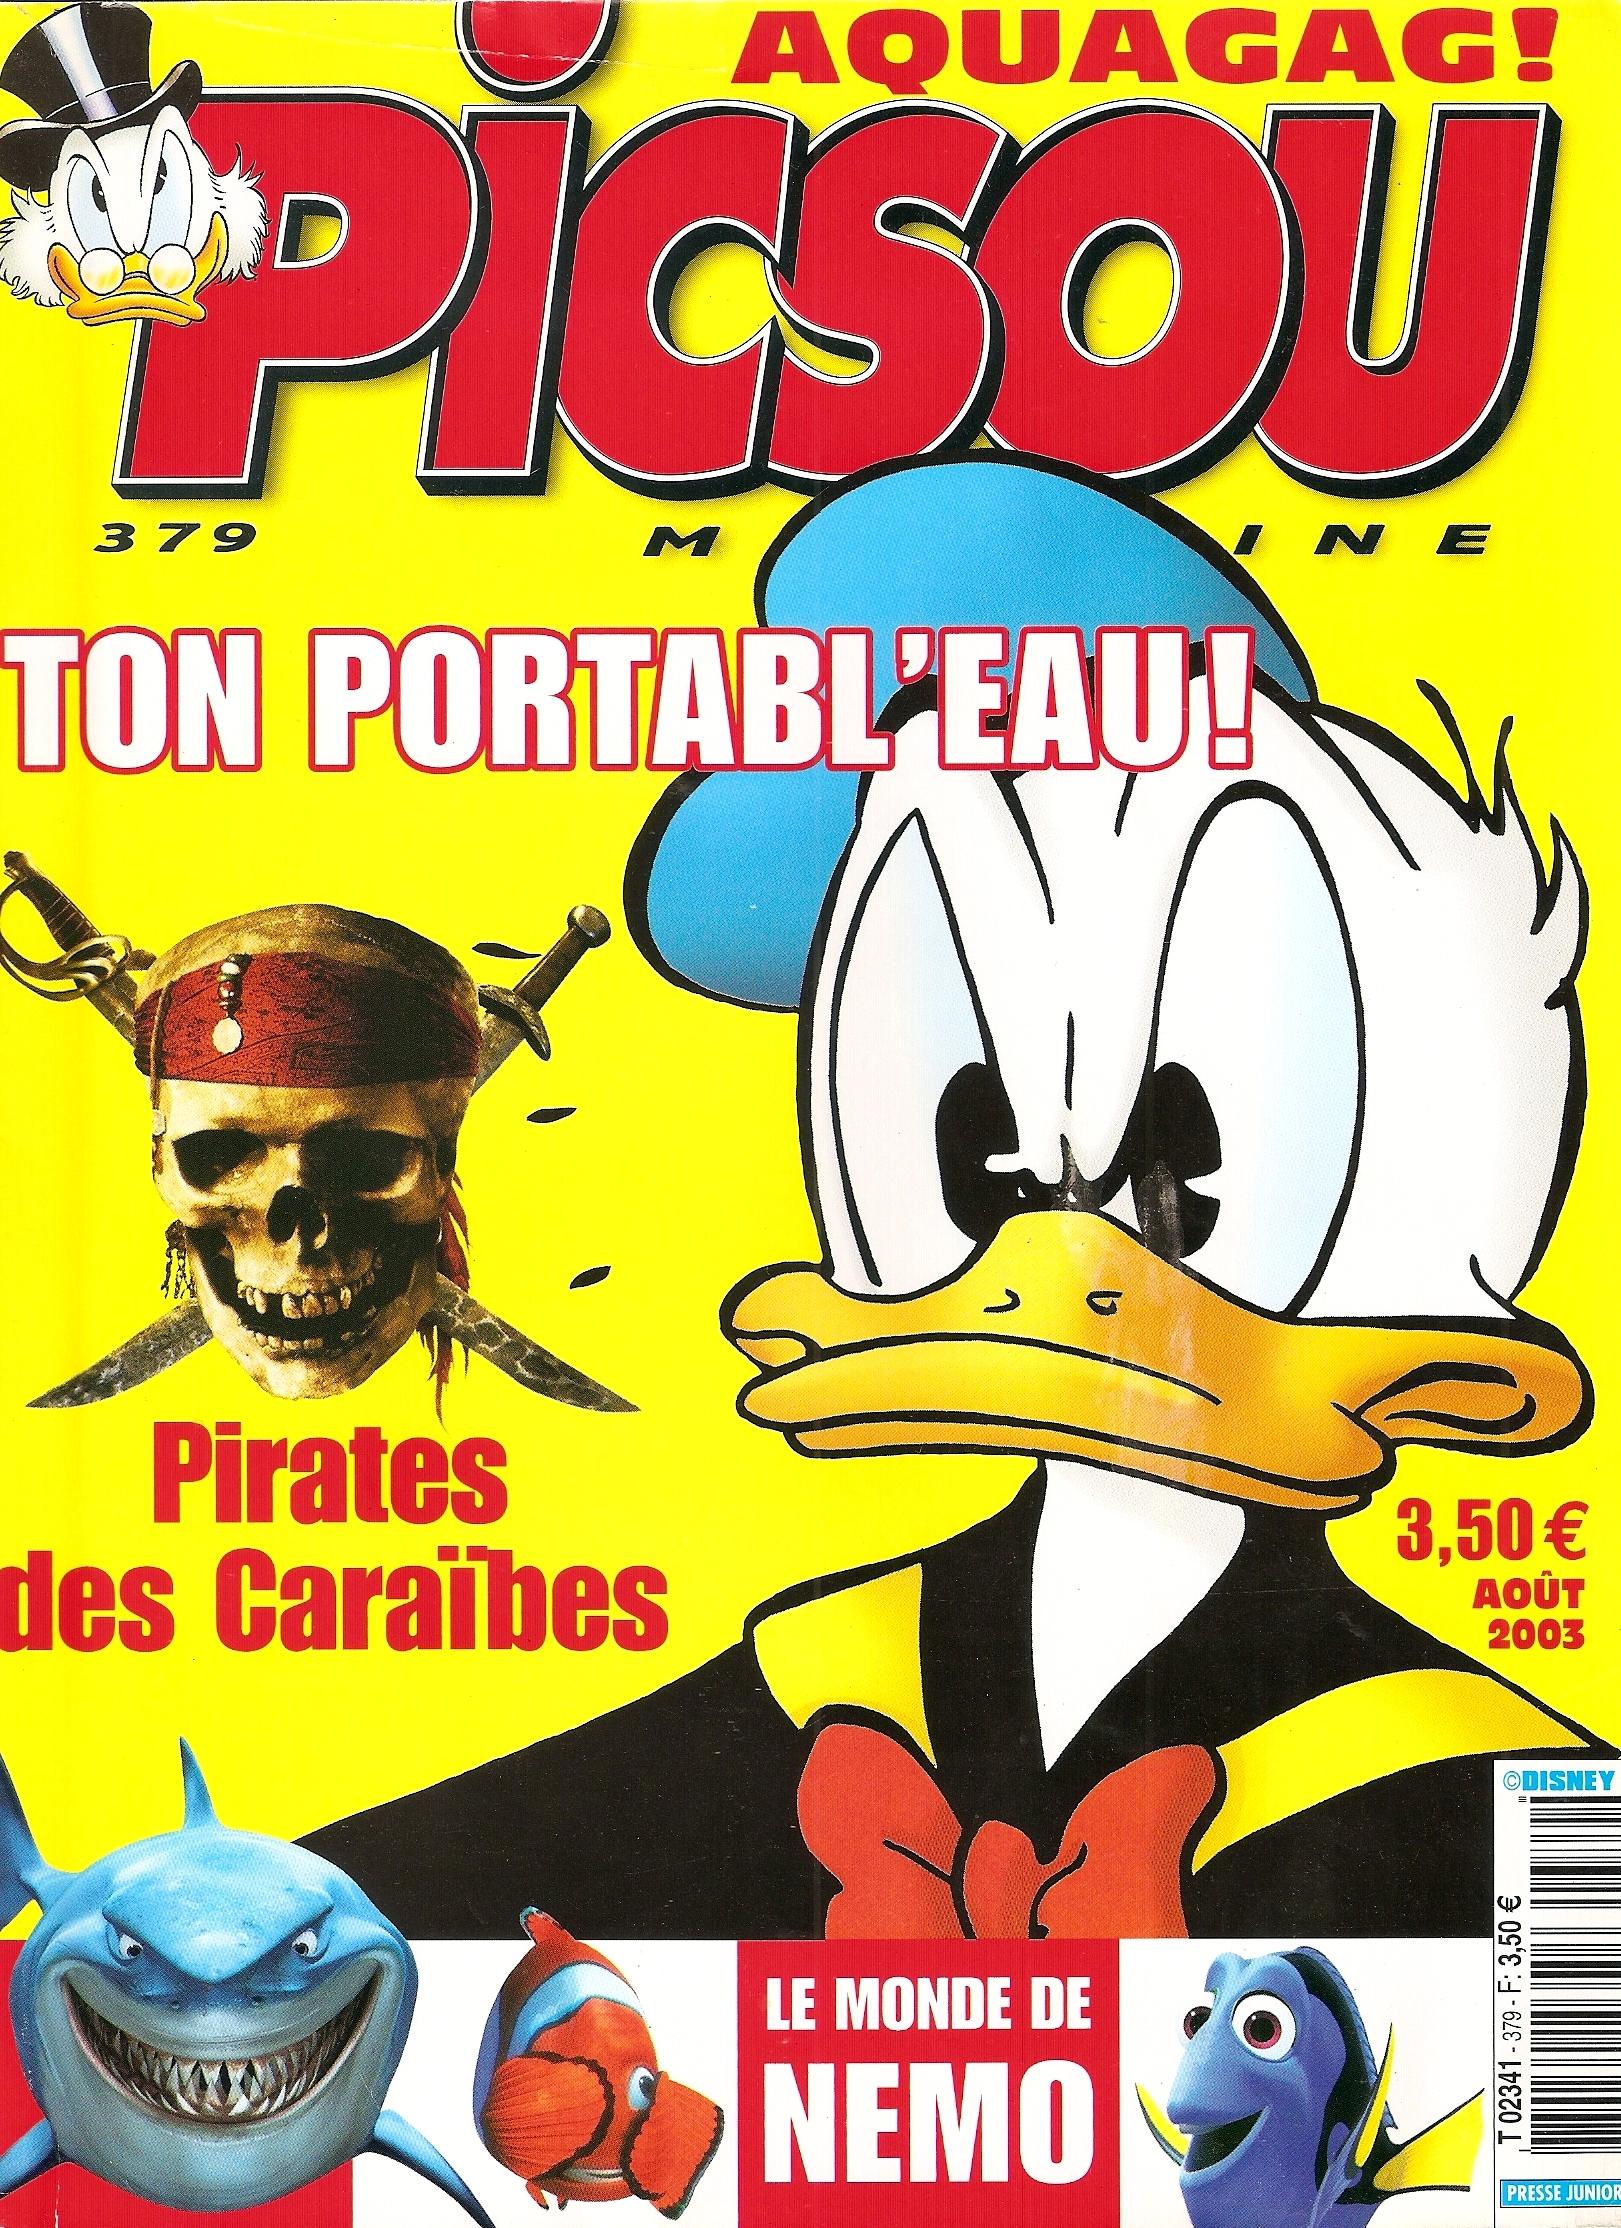 Picsou_Magazine_n°379